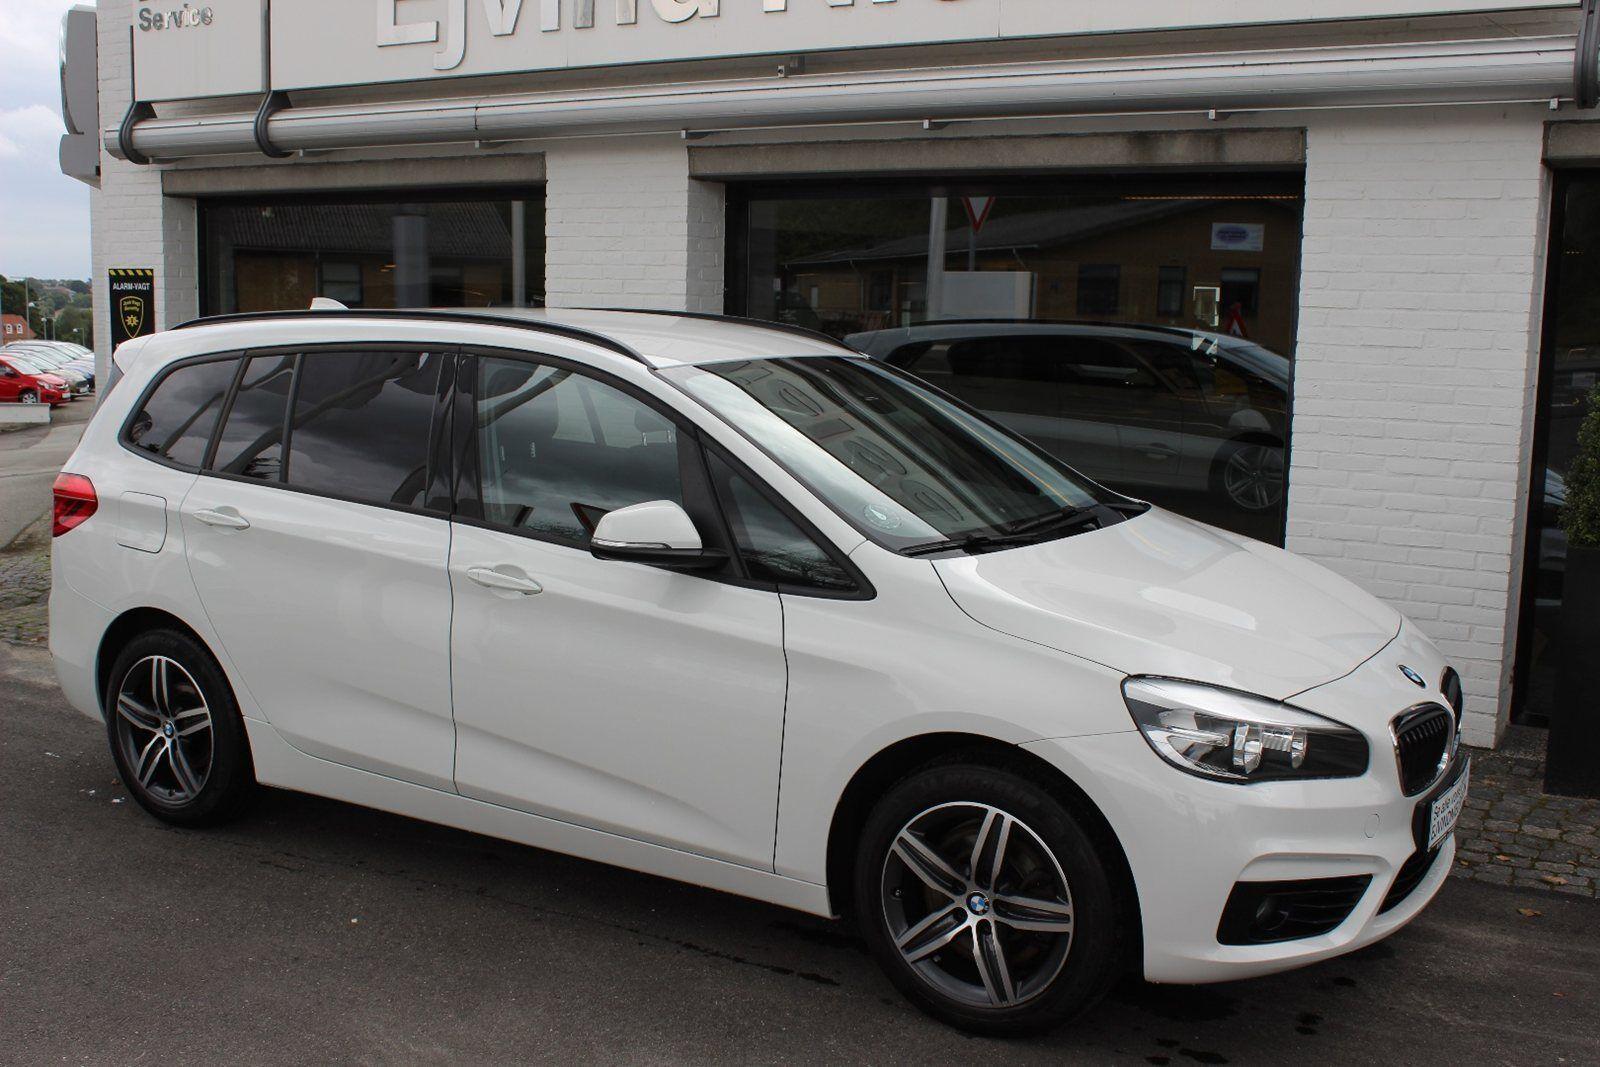 BMW 220d 2,0 Gran Tourer aut. 7prs 5d - 339.900 kr.